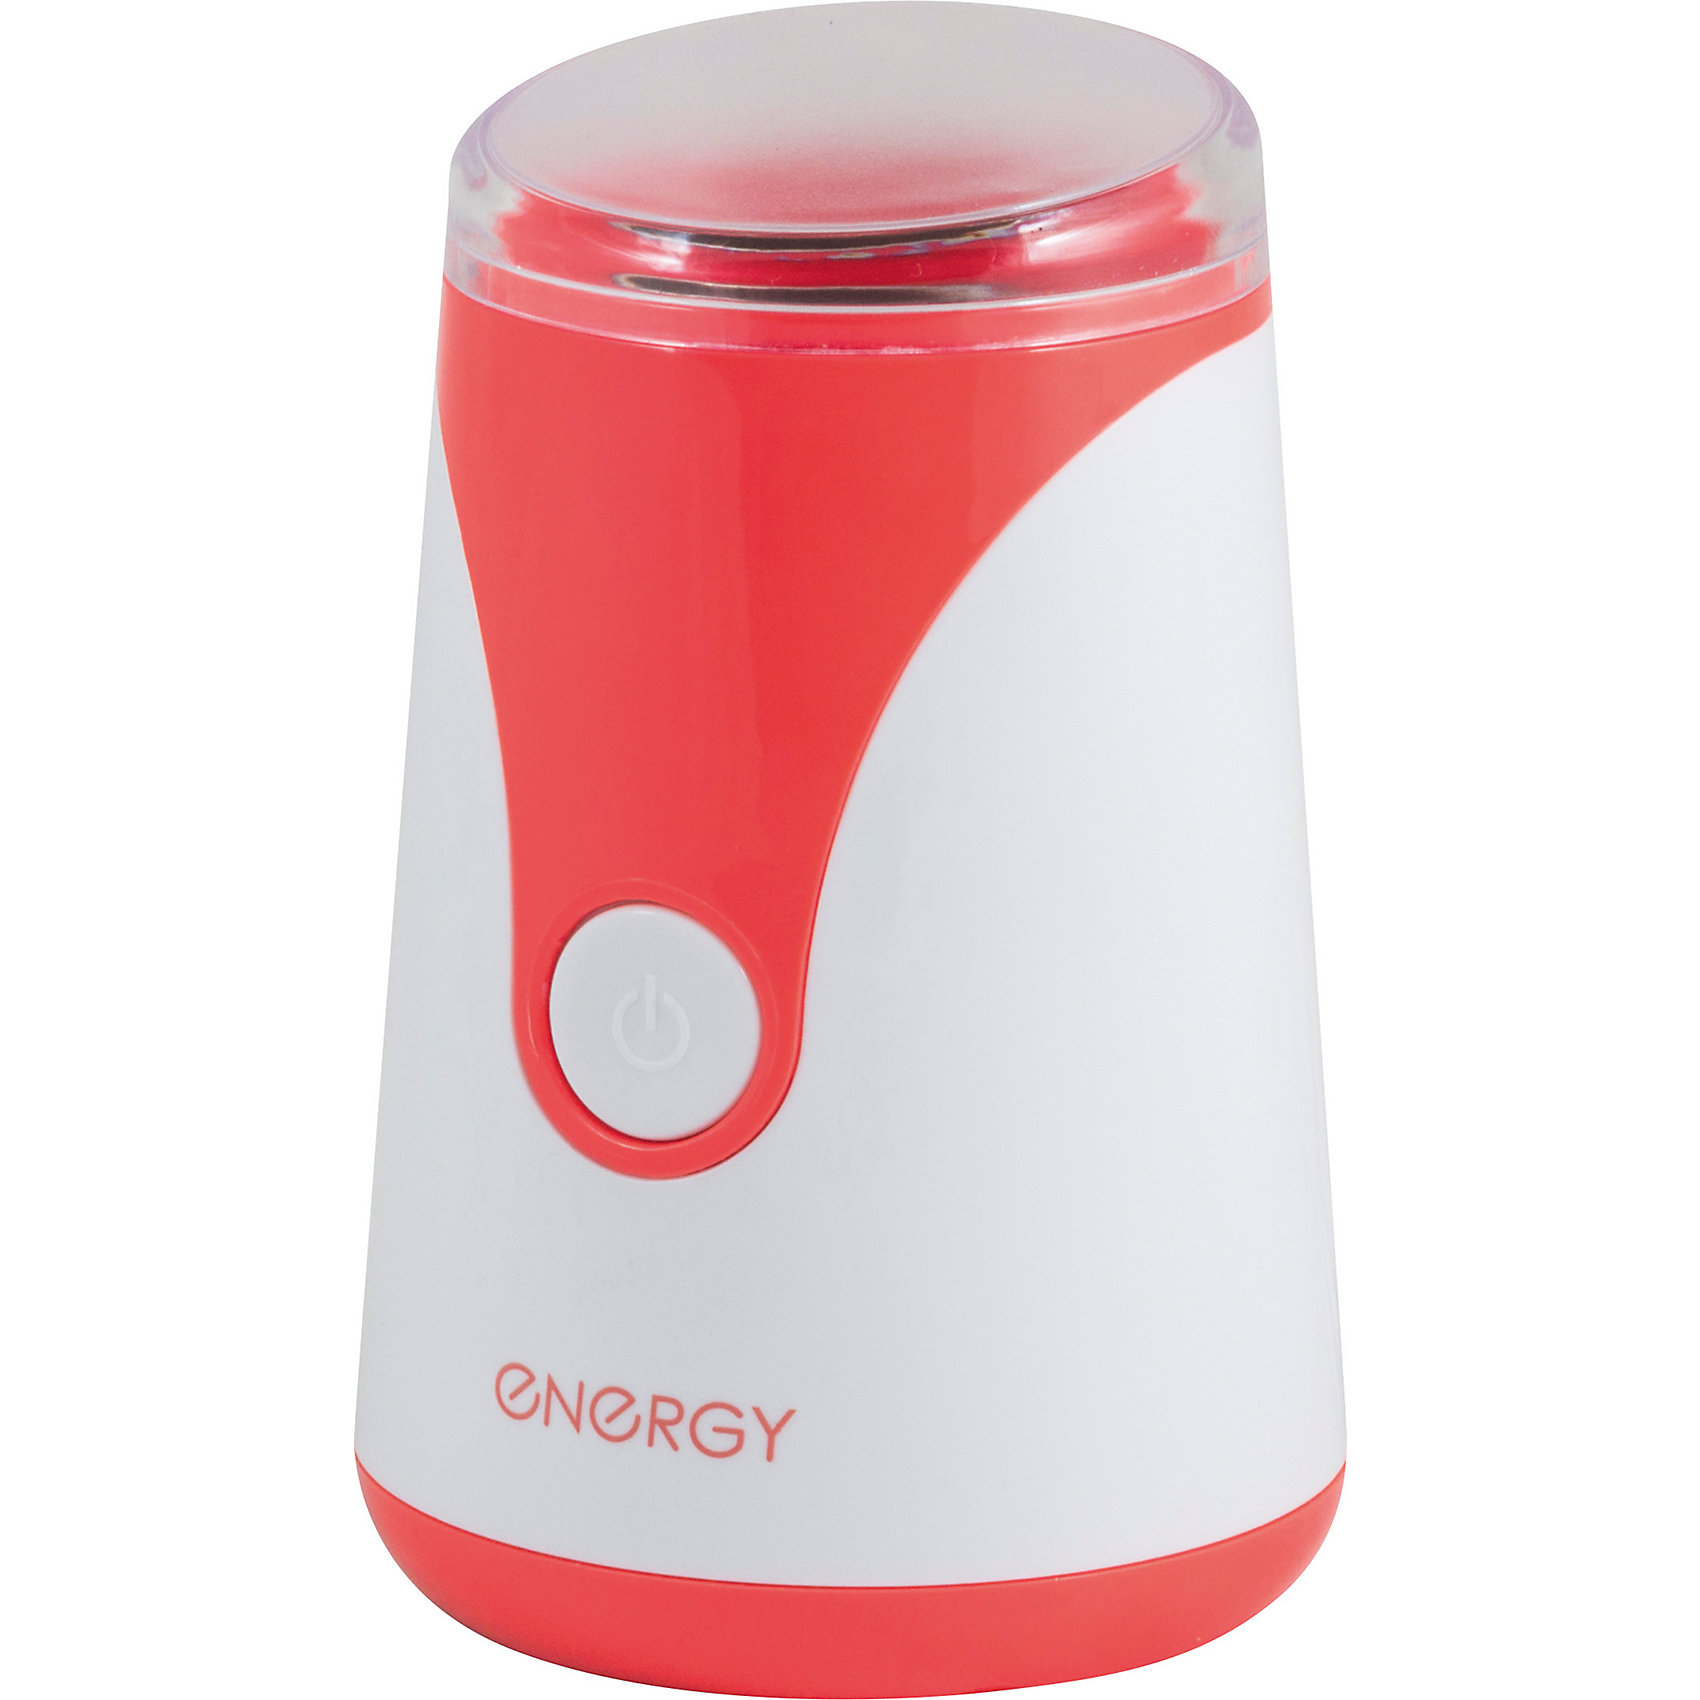 Кофемолка  EN-106, ENERGY, белыйБытовая техника для кухни<br>Кофемолка EN-106, ENERGY (Энерджи), белый<br><br>Характеристики:<br><br>• ножи из нержавеющей стали<br>• импульсный режим работы<br>• защита от случайного включения<br>• емкость 50 грамм<br>• мощность: 150 Вт<br>• частота: 50 Гц<br>• напряжение: 220-240 В<br>• цвет: белый<br>• материал: металл, пластик, кабель<br><br>Каждый любитель свежесваренного кофе по достоинству оценит кофемолку EN-106 от ENERGY. Практичный и компактный дизайн позволяет удобно расположить кофемолку на кухне, не занимая большое пространство. Ножи изготовлены из нержавеющей стали. Чаша вмешает 50 грамм зернового кофе. Прозрачная крышка позволит вам наблюдать за процессом измельчения зерен. Кофемолка оснащена защитой от случайного включения. Мощность кофемолки - 150 Вт.<br><br>Кофемолку EN-106, ENERGY (Энерджи), белый вы можете купить в нашем интернет-магазине.<br><br>Ширина мм: 130<br>Глубина мм: 130<br>Высота мм: 190<br>Вес г: 768<br>Возраст от месяцев: 216<br>Возраст до месяцев: 1188<br>Пол: Унисекс<br>Возраст: Детский<br>SKU: 5454011